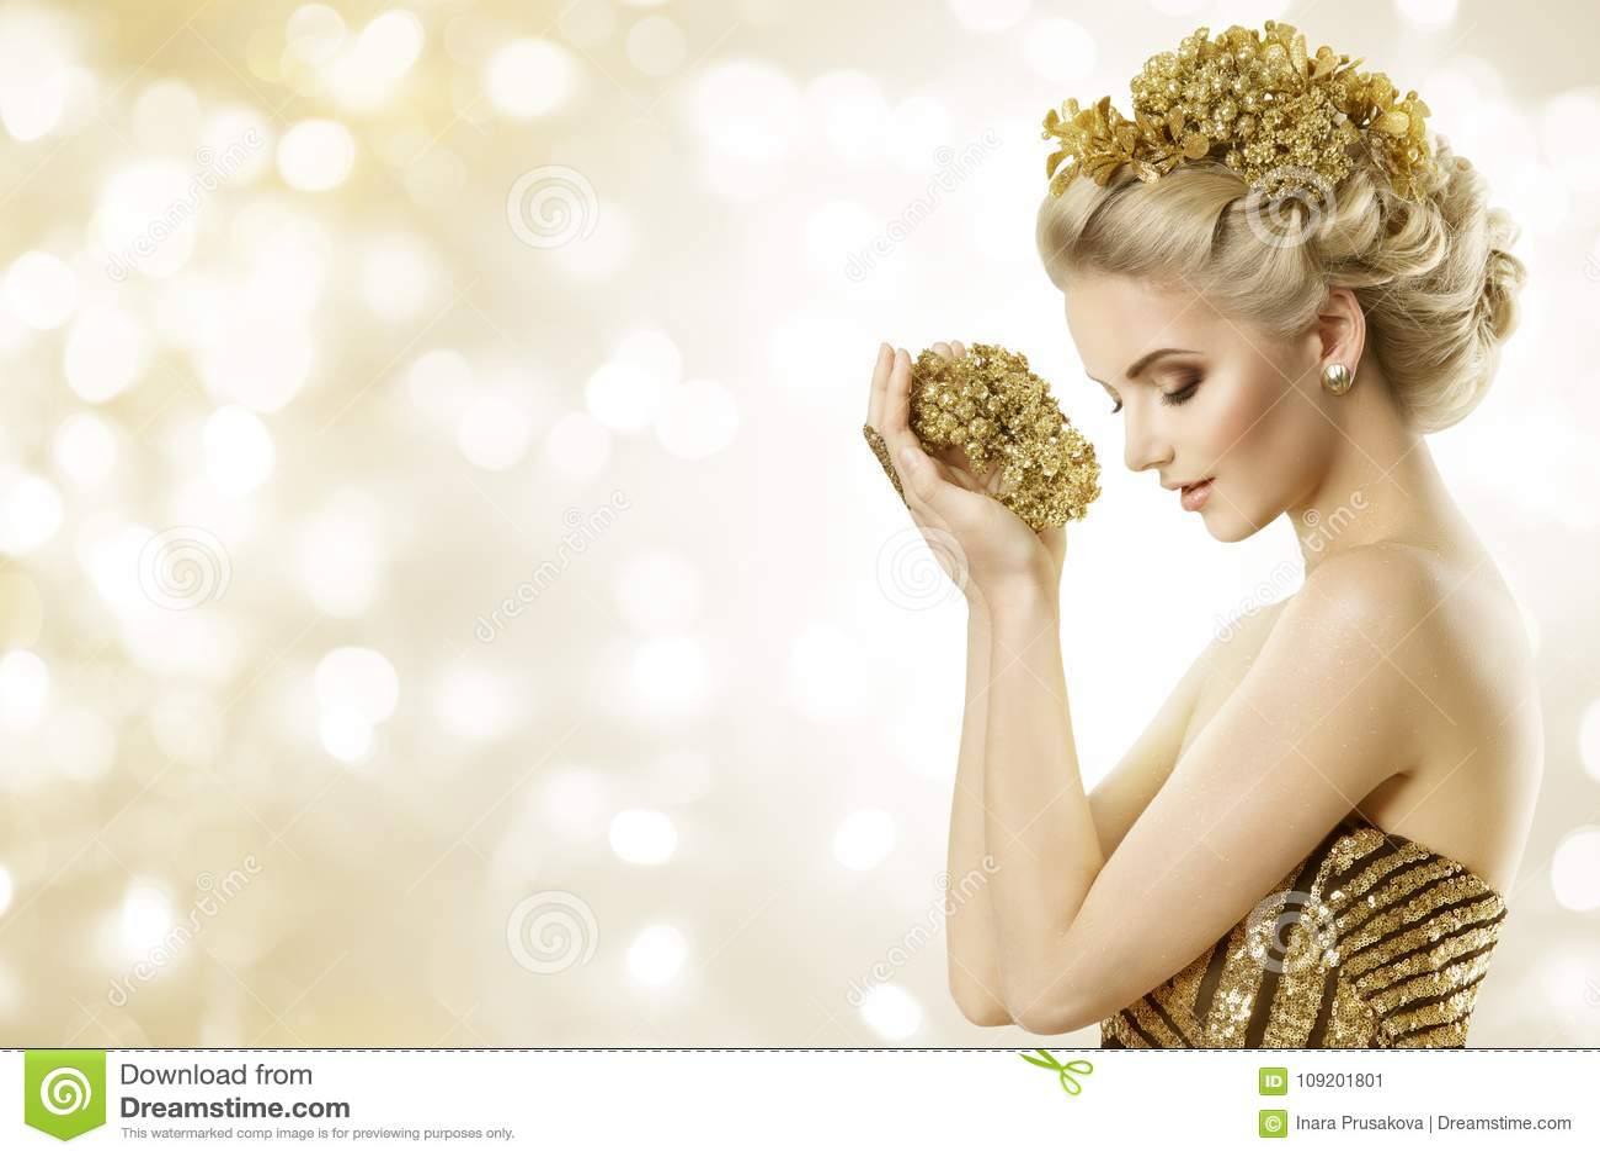 Modello di moda Hold Gold Jewelry in mani, acconciatura di bellezza della donna